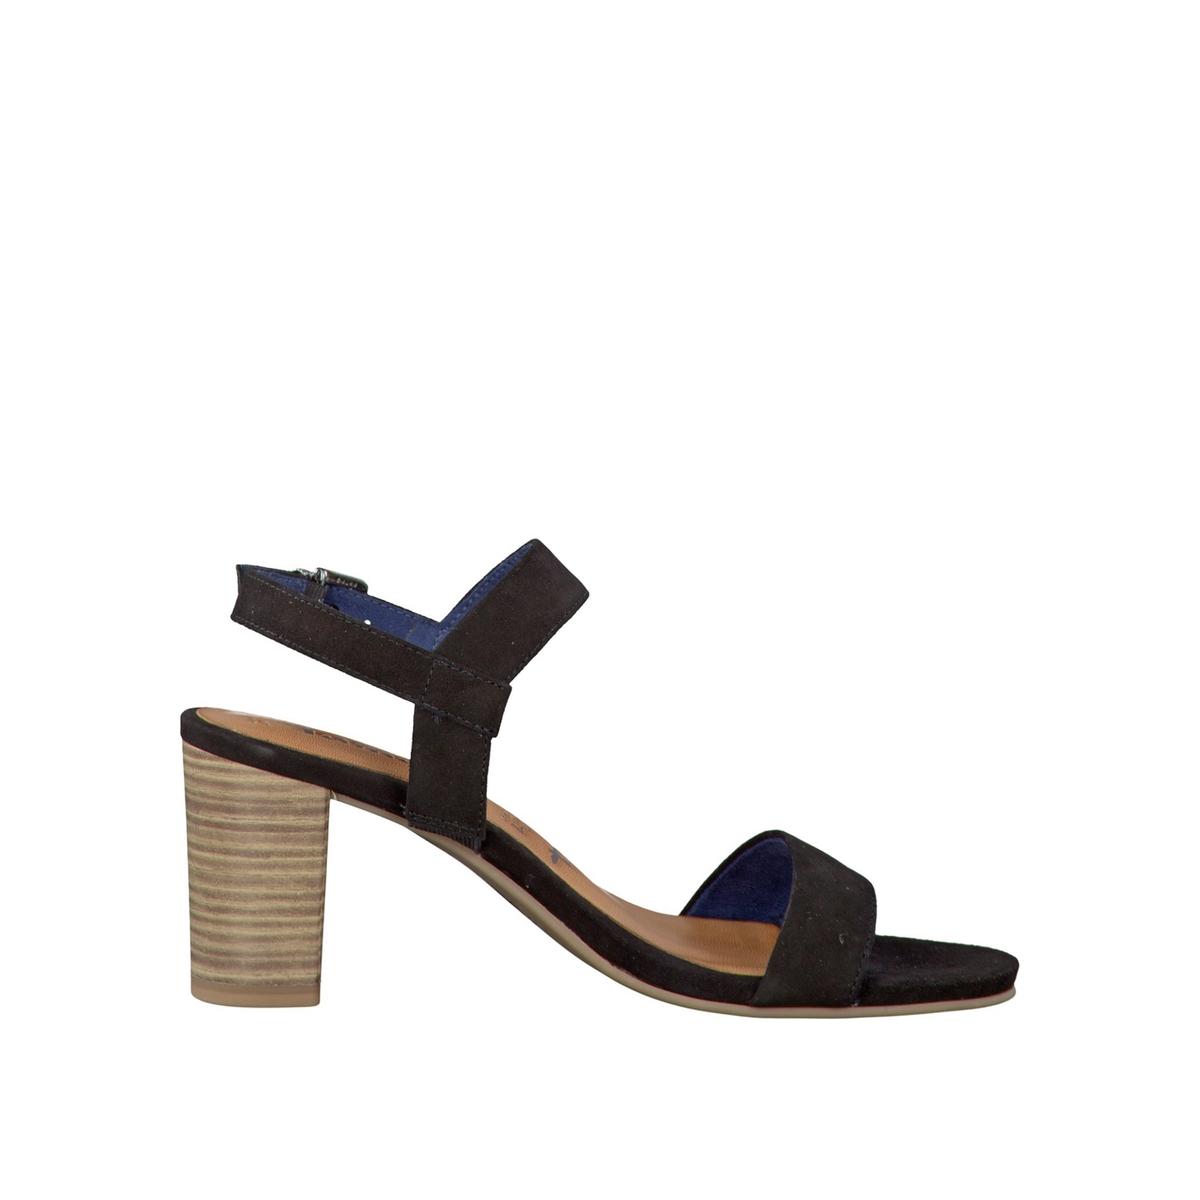 Босоножки кожаные 28321-28Верх/Голенище : кожа    Подкладка : текстиль    Стелька : кожа    Подошва : синтетика    Высота каблука : 7 см    Форма каблука : квадратный каблук    Мысок : закругленный мысок    Застежка : пряжка<br><br>Цвет: черный<br>Размер: 40